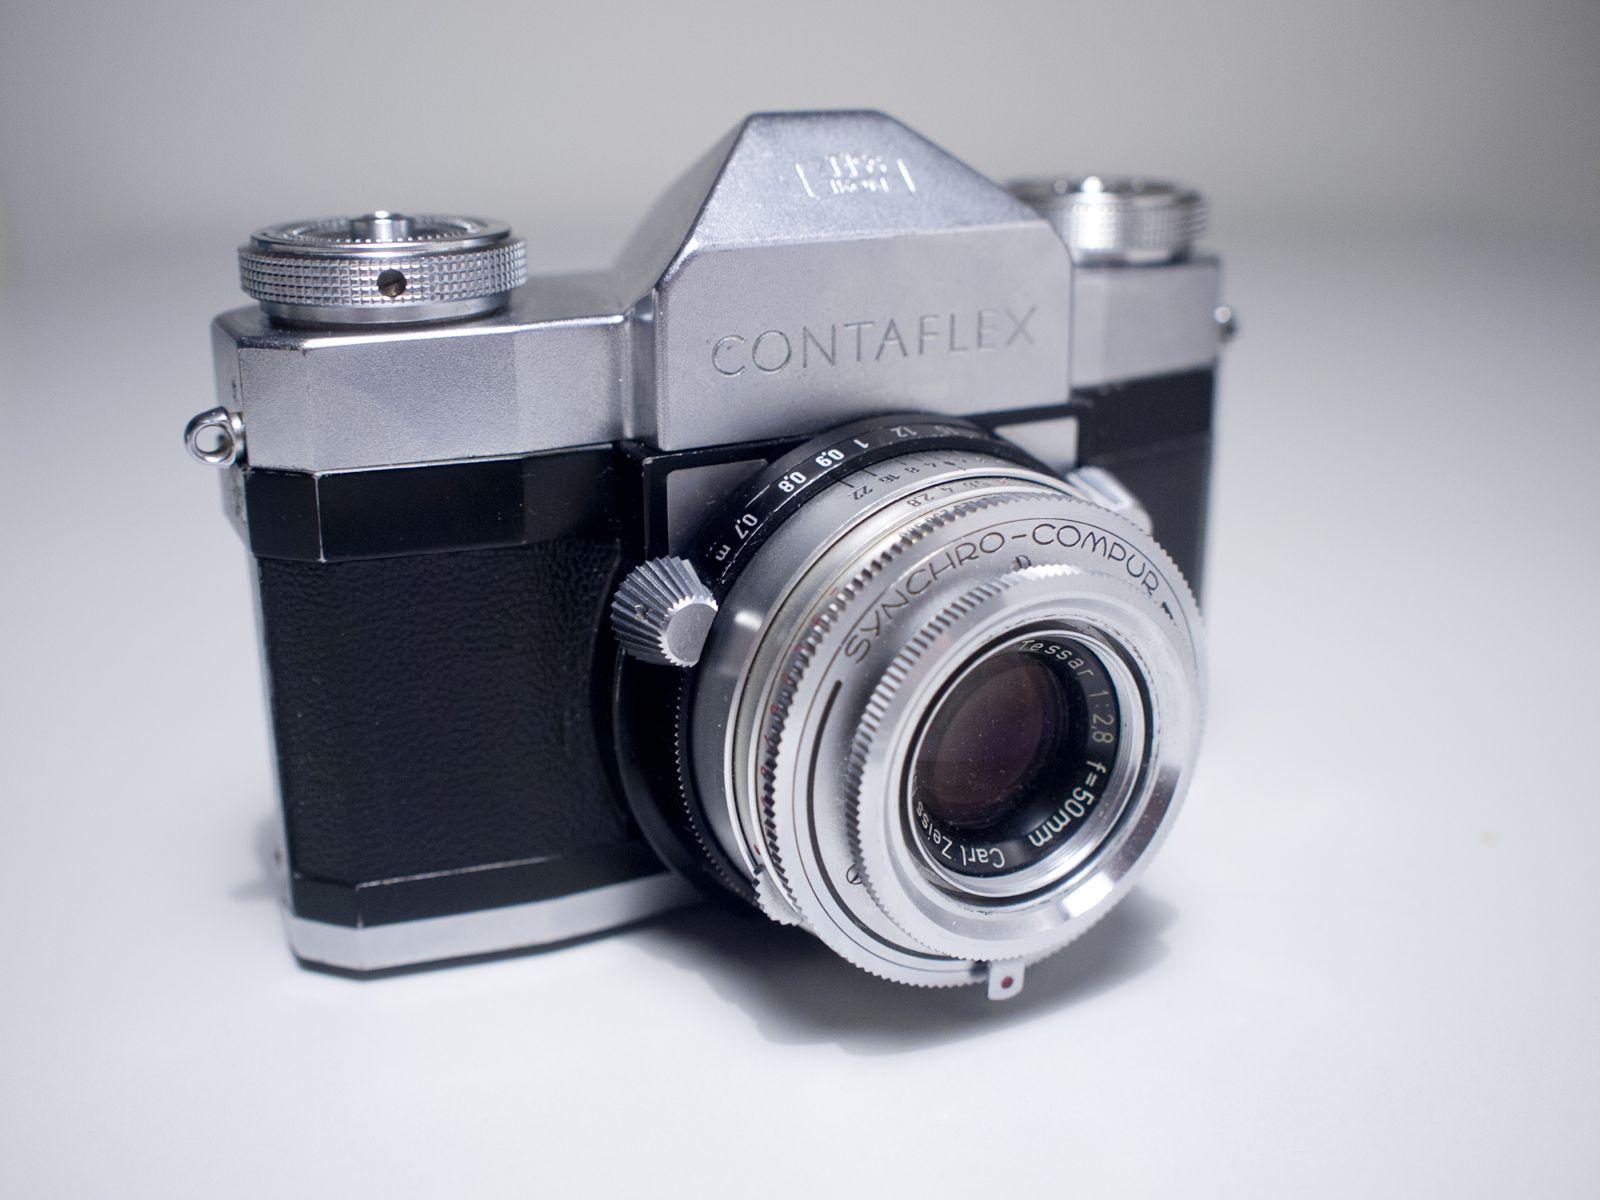 shooting brake zeiss ikon contaflex iii 863 24